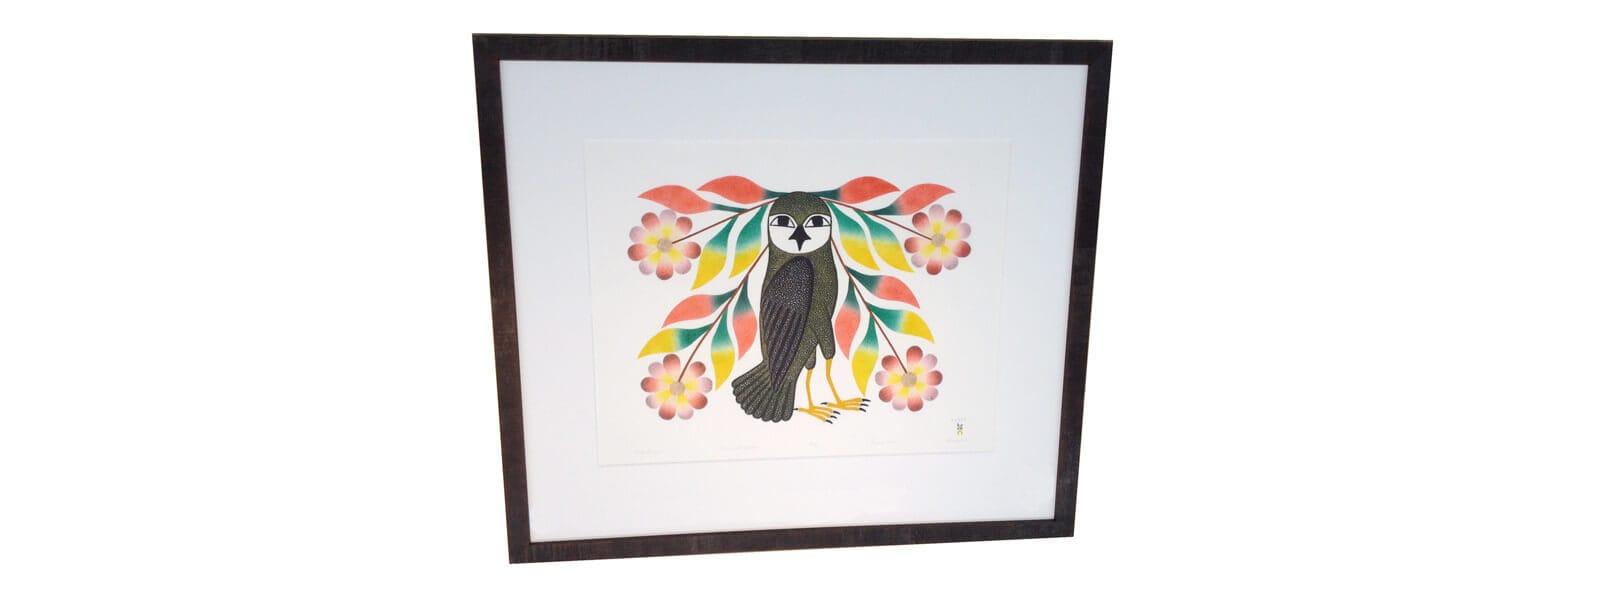 HS-kenojuak-owl-art